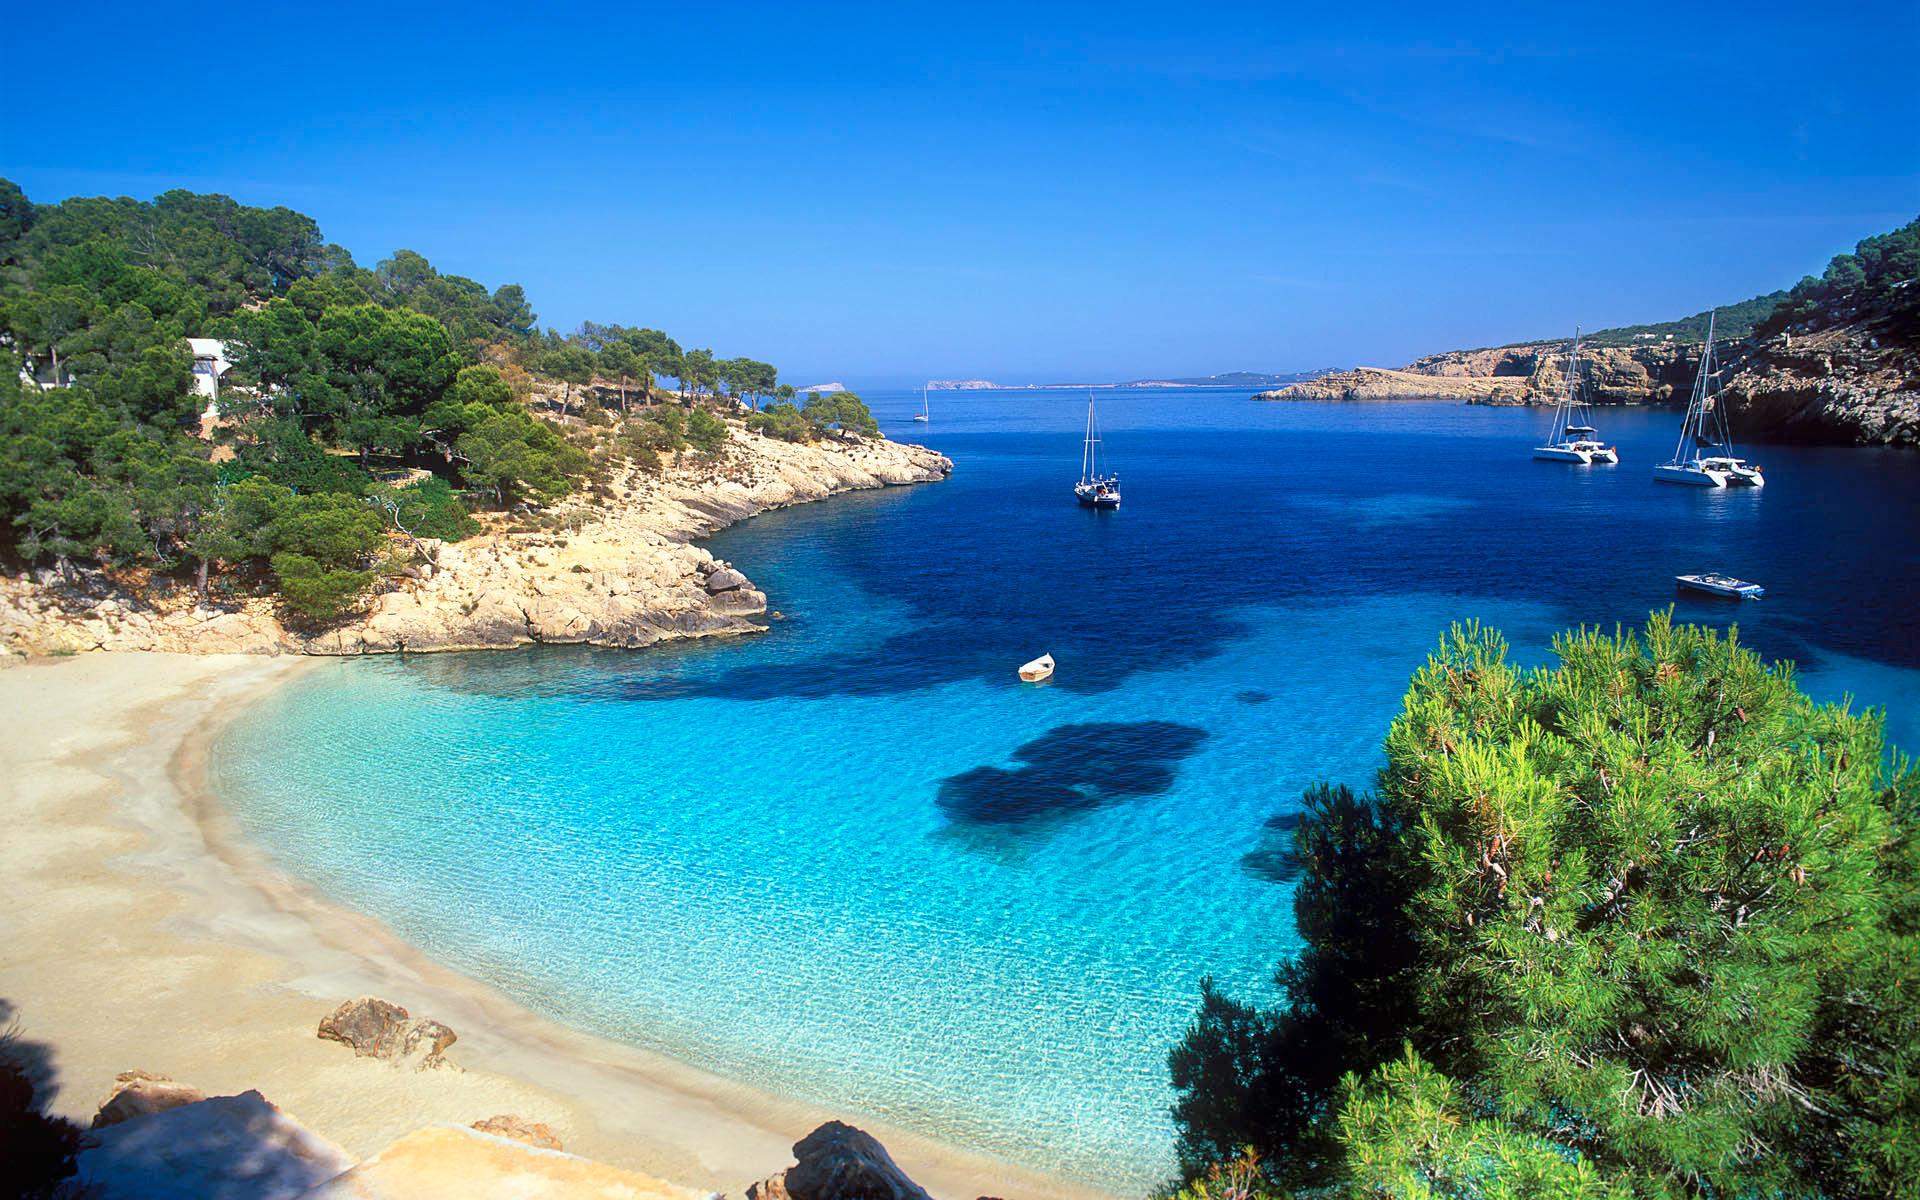 Week Sailing By Ibiza And Formentera From Denia